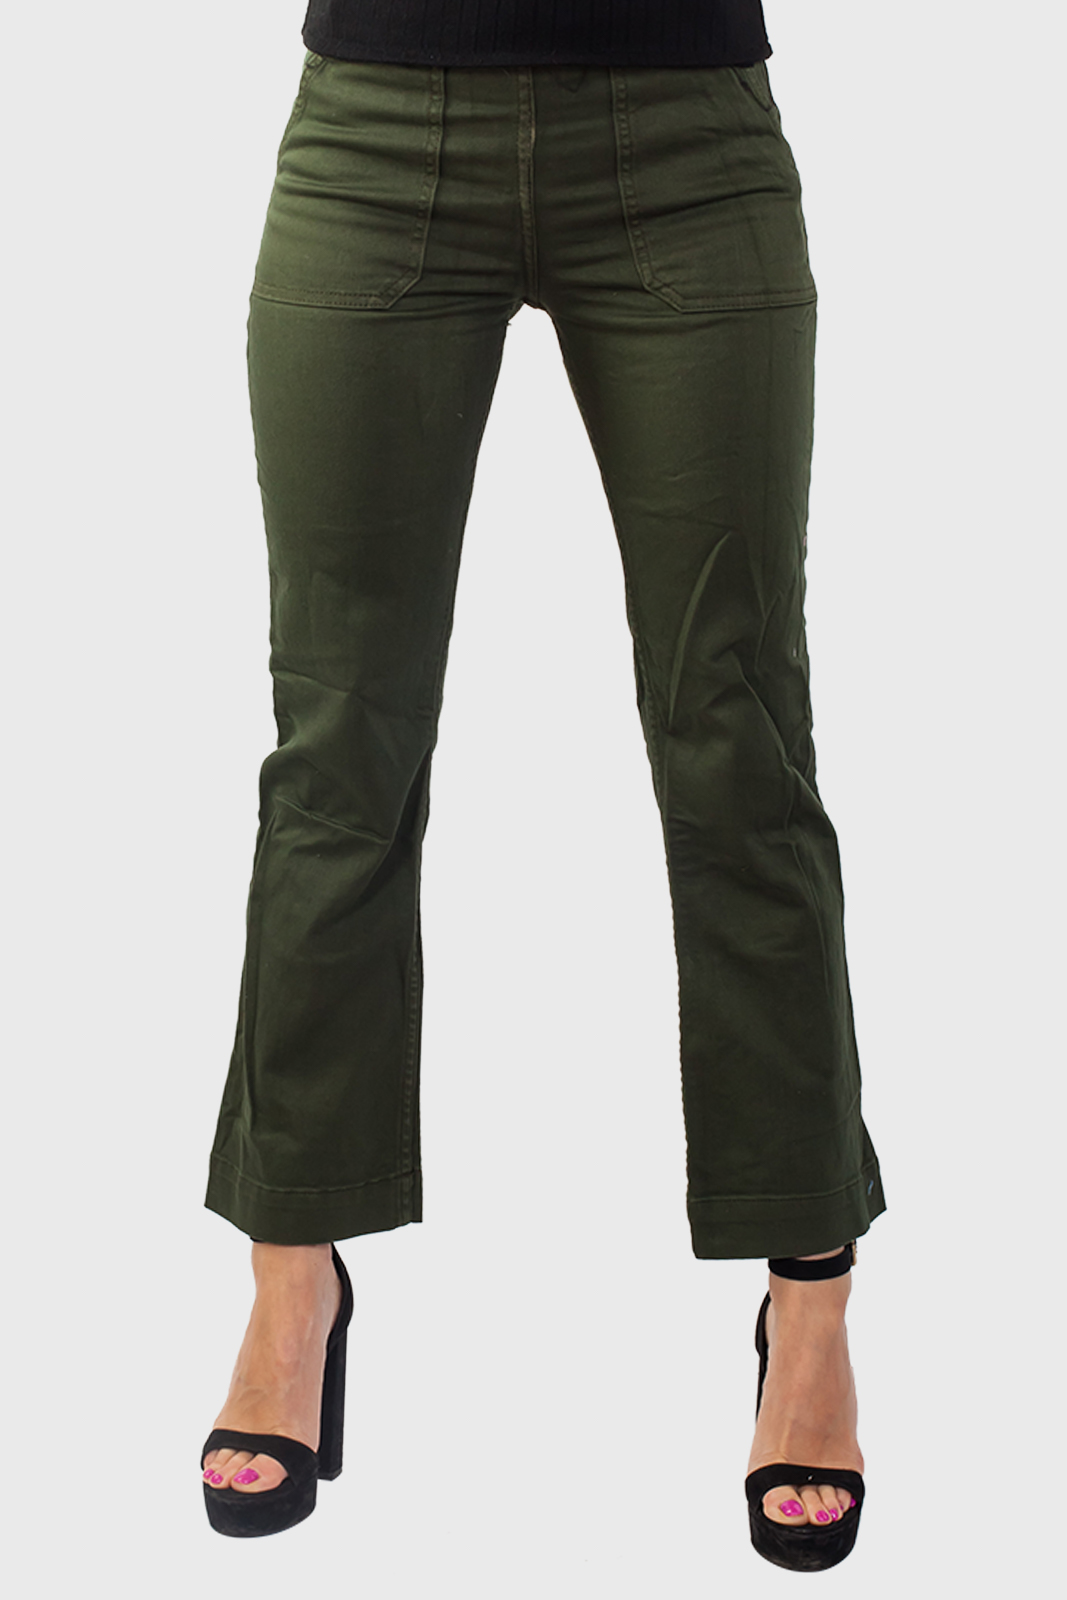 Заказать женские джинсы цвета хаки